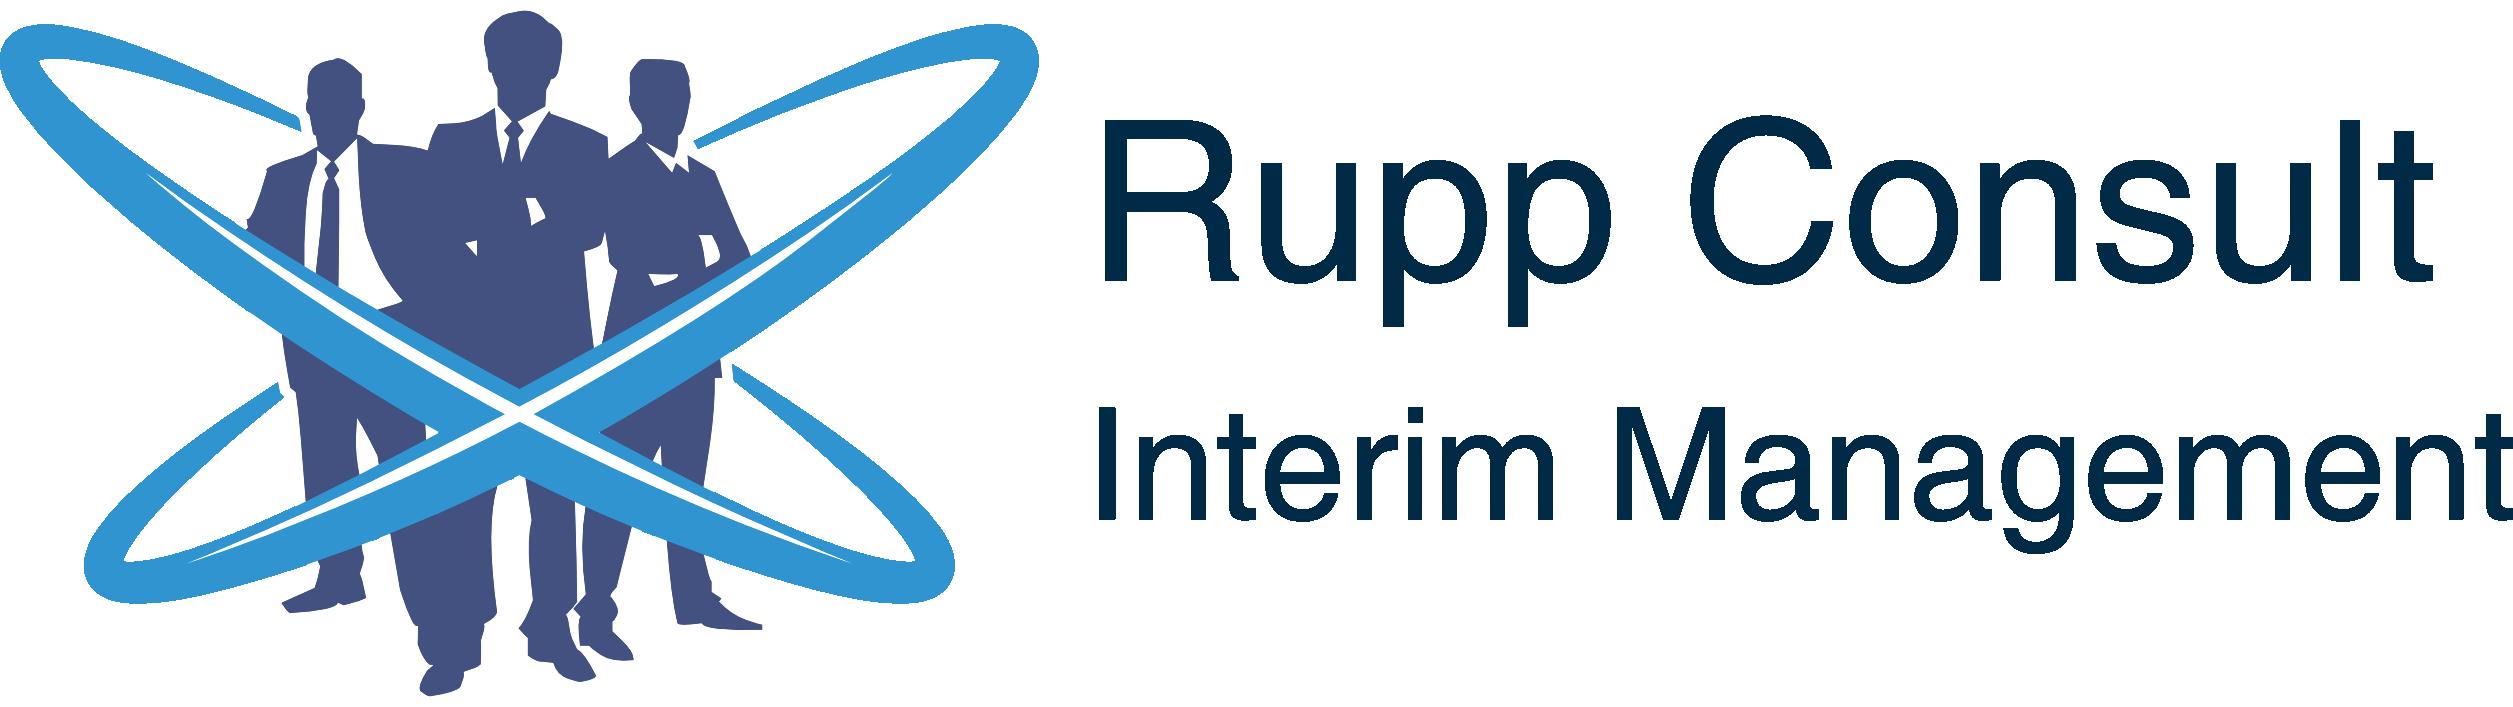 Rupp Consult